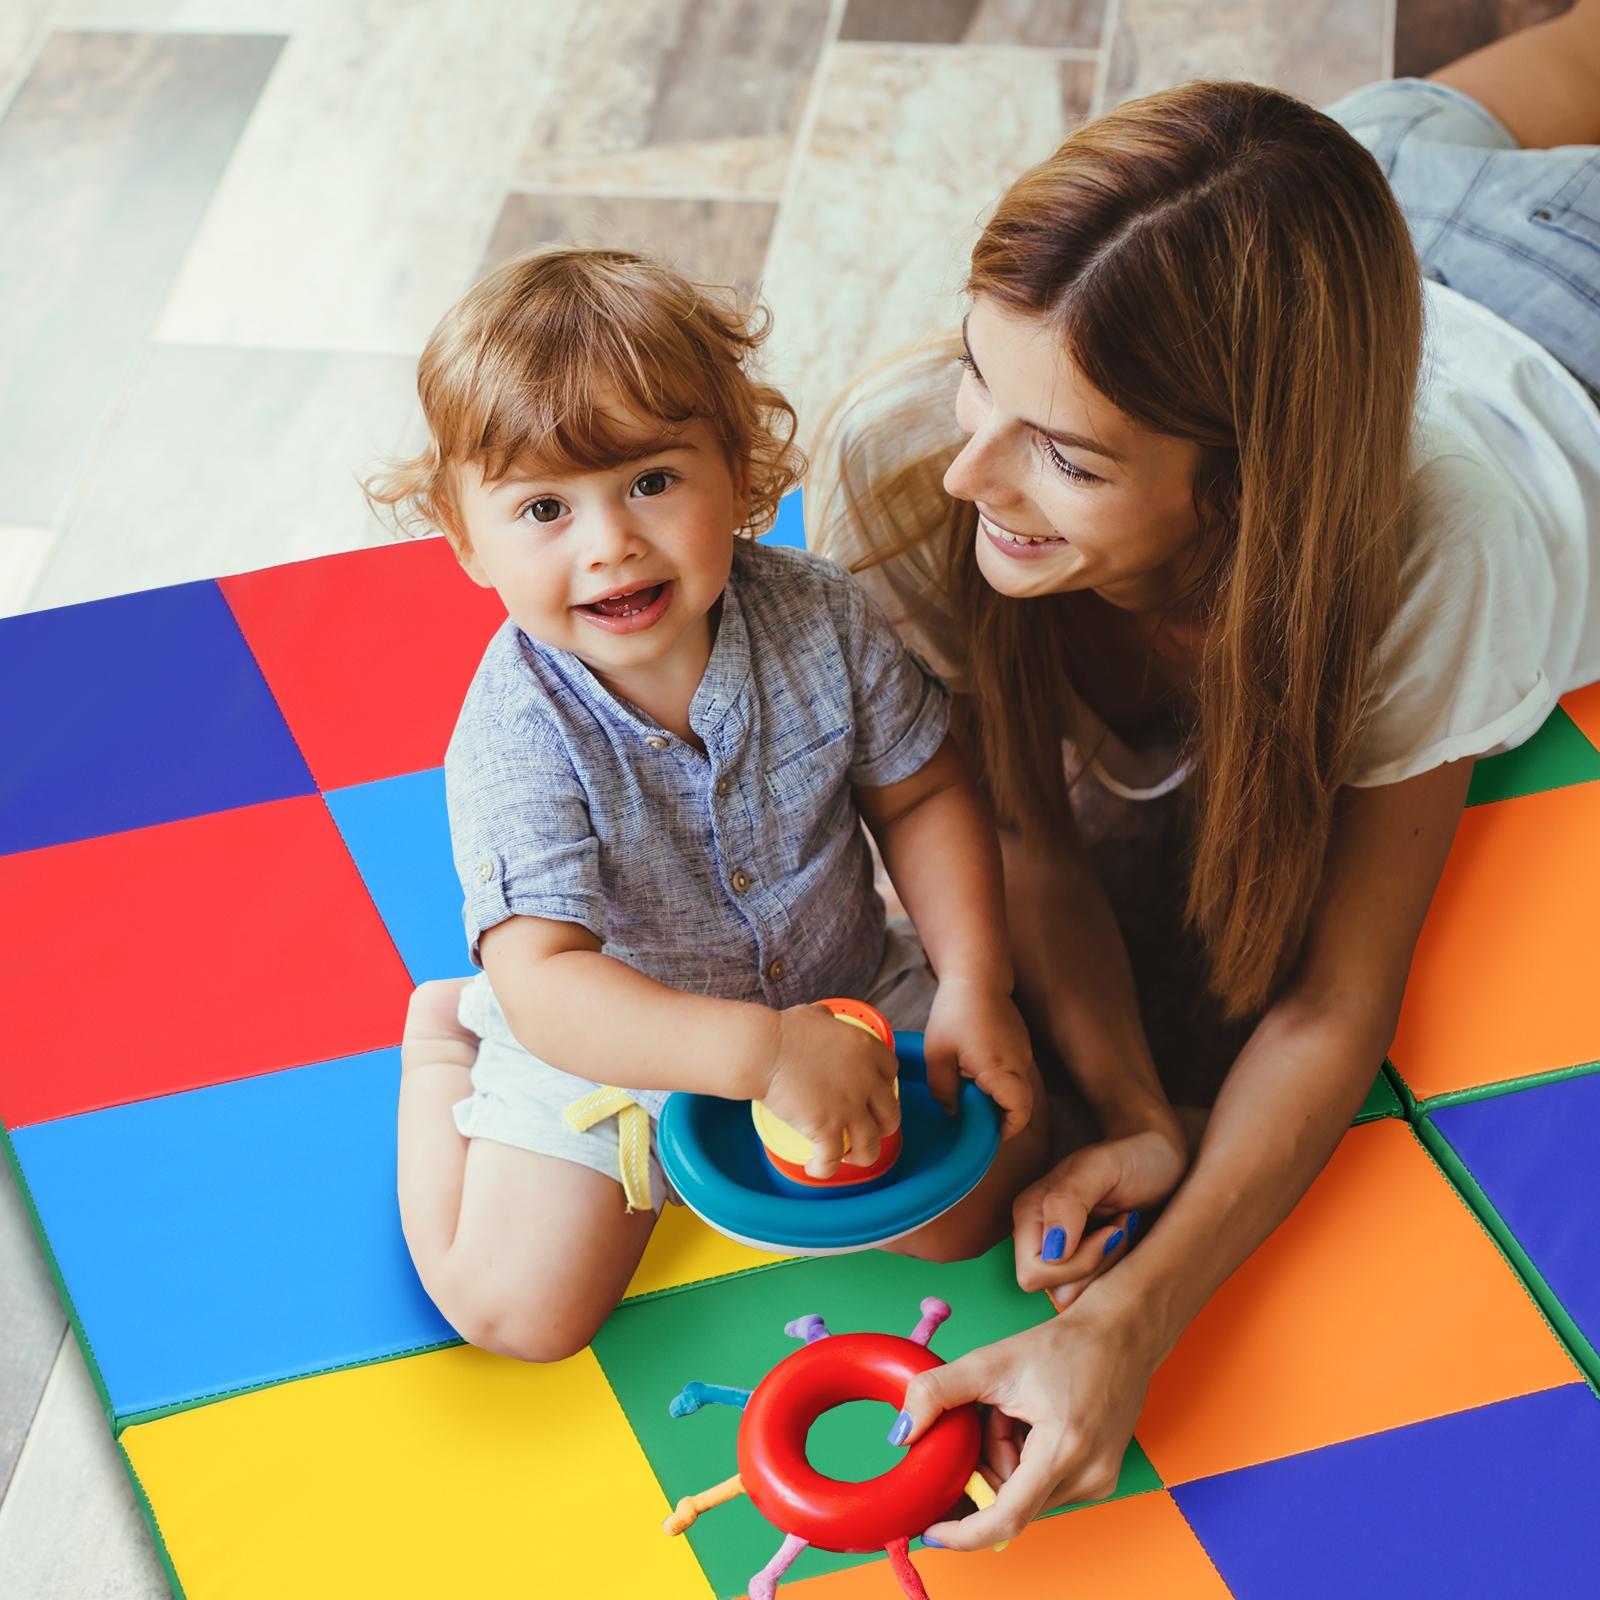 Costway Tappeto pieghevole in 4 parti per bambini Materassino colorato in schiuma 147 x 147 cm